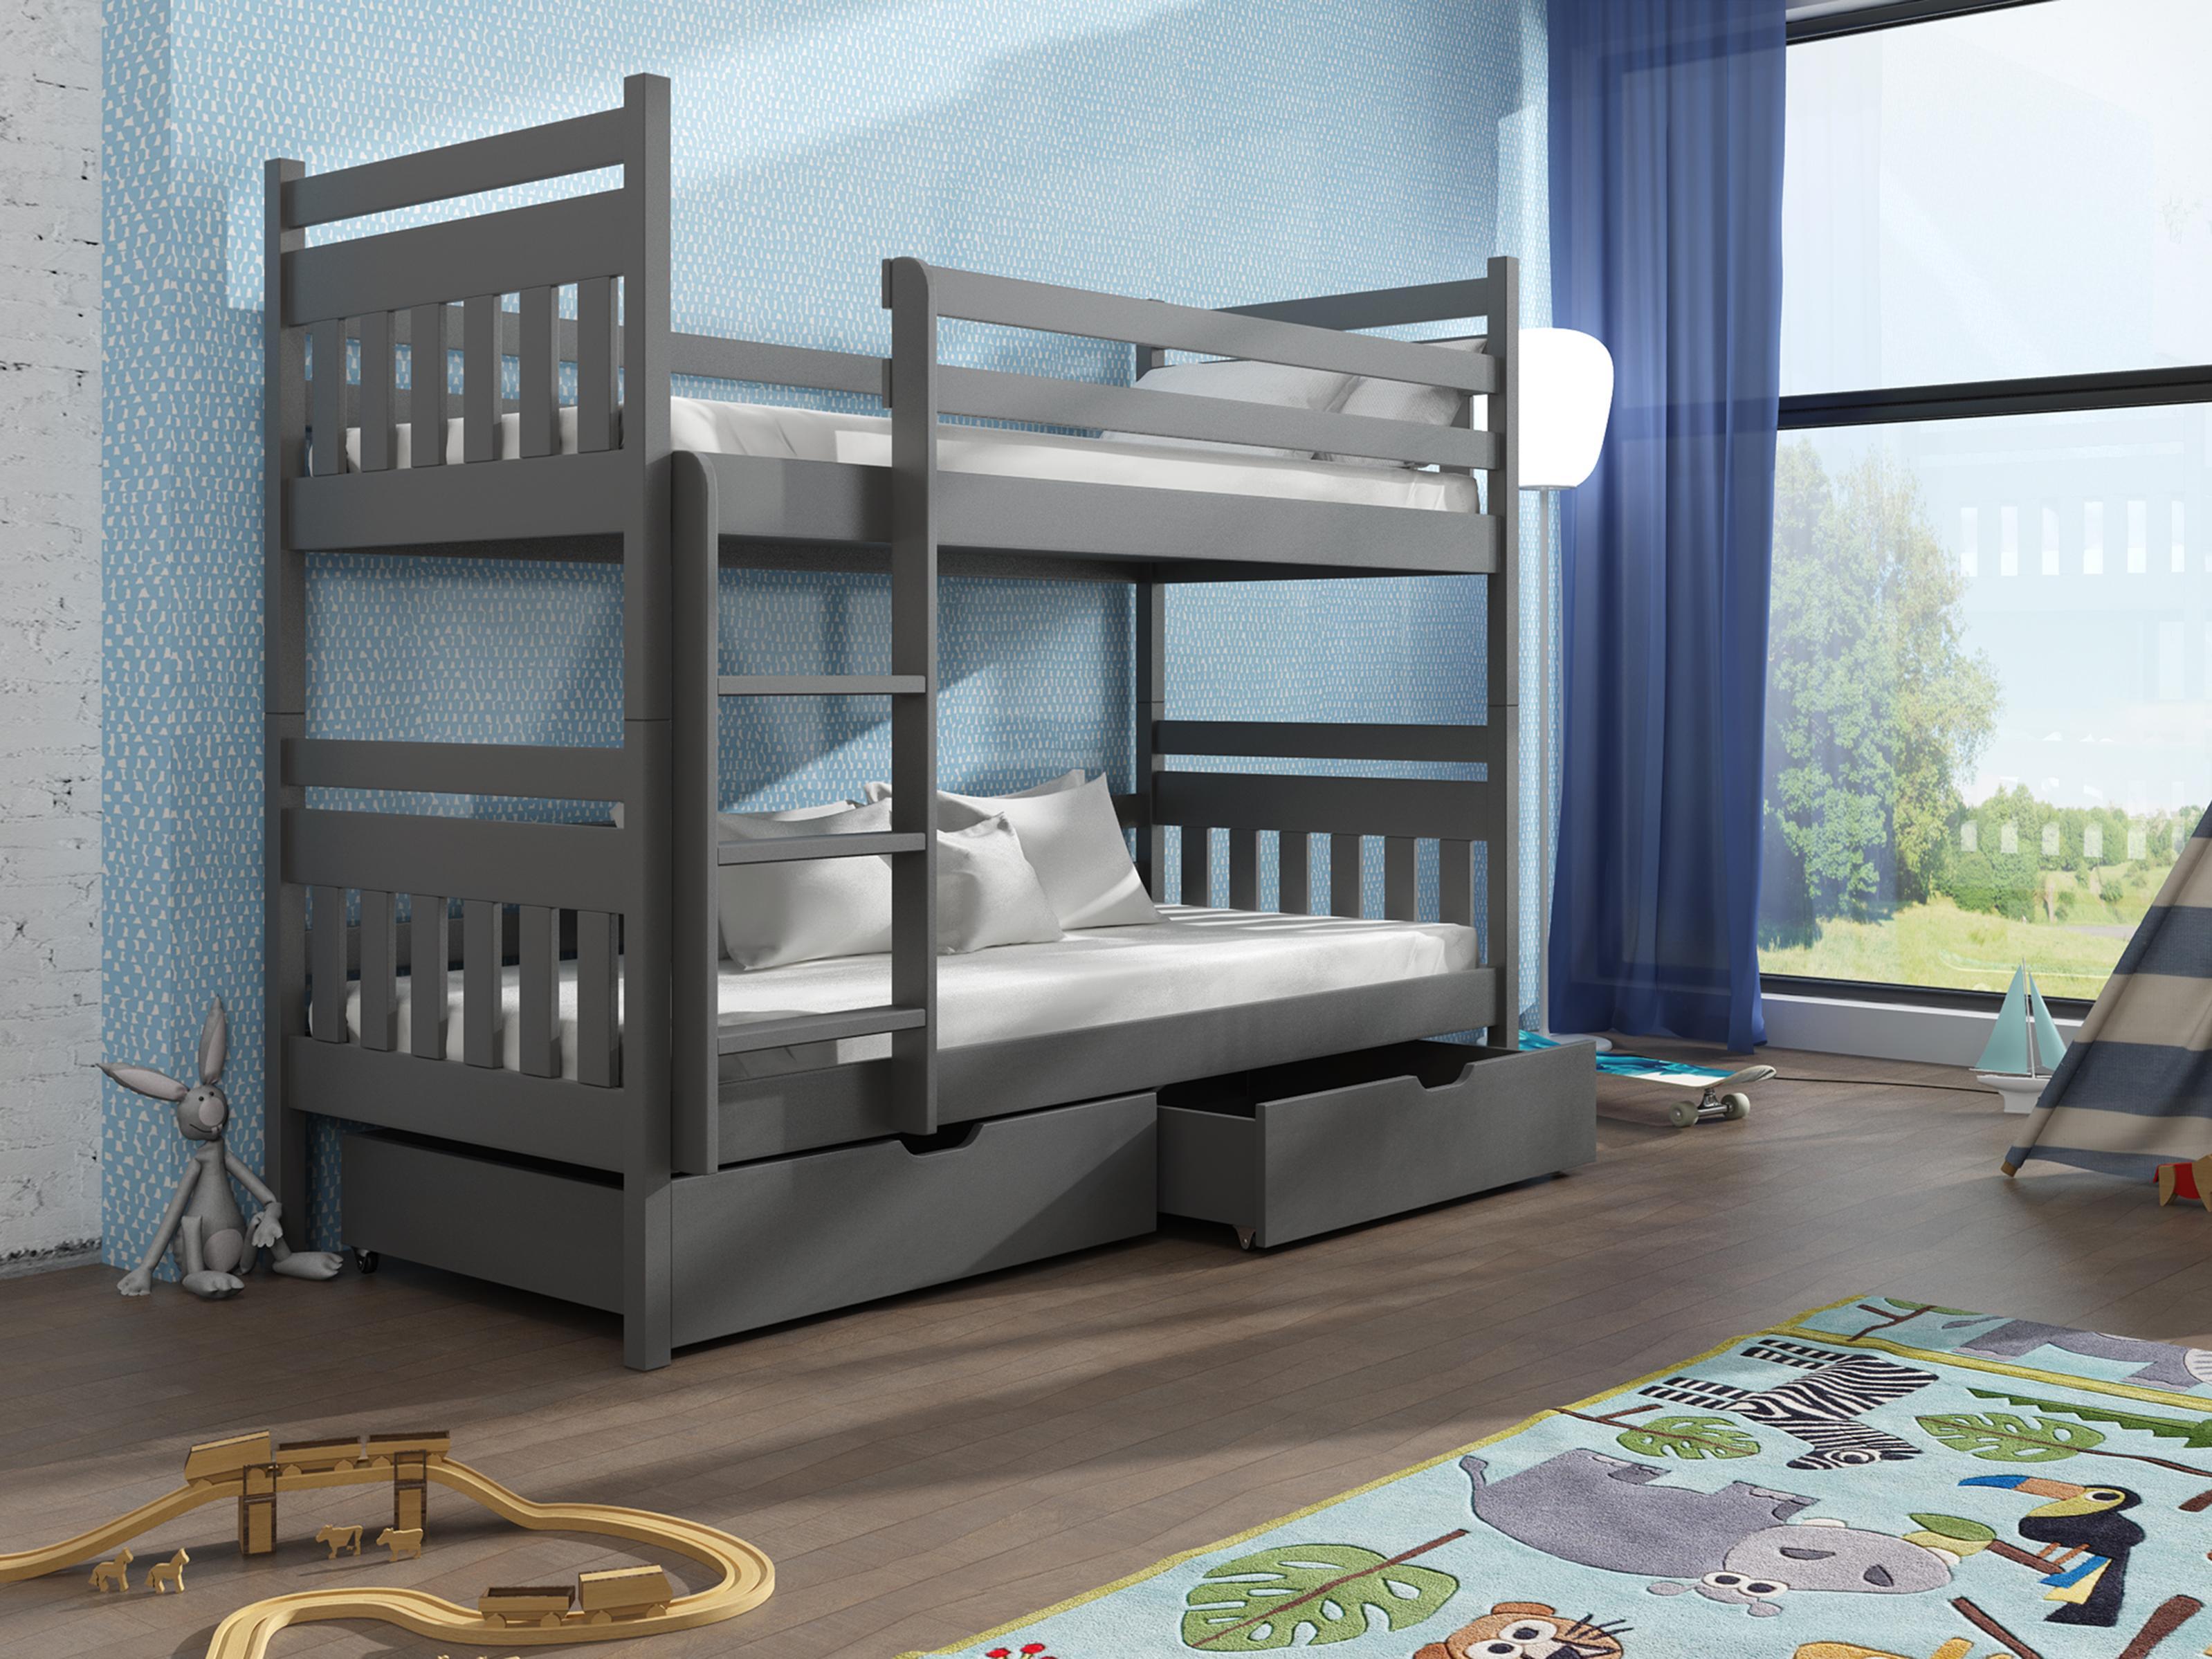 Dětská patrová postel 90 cm - Aras (grafit)